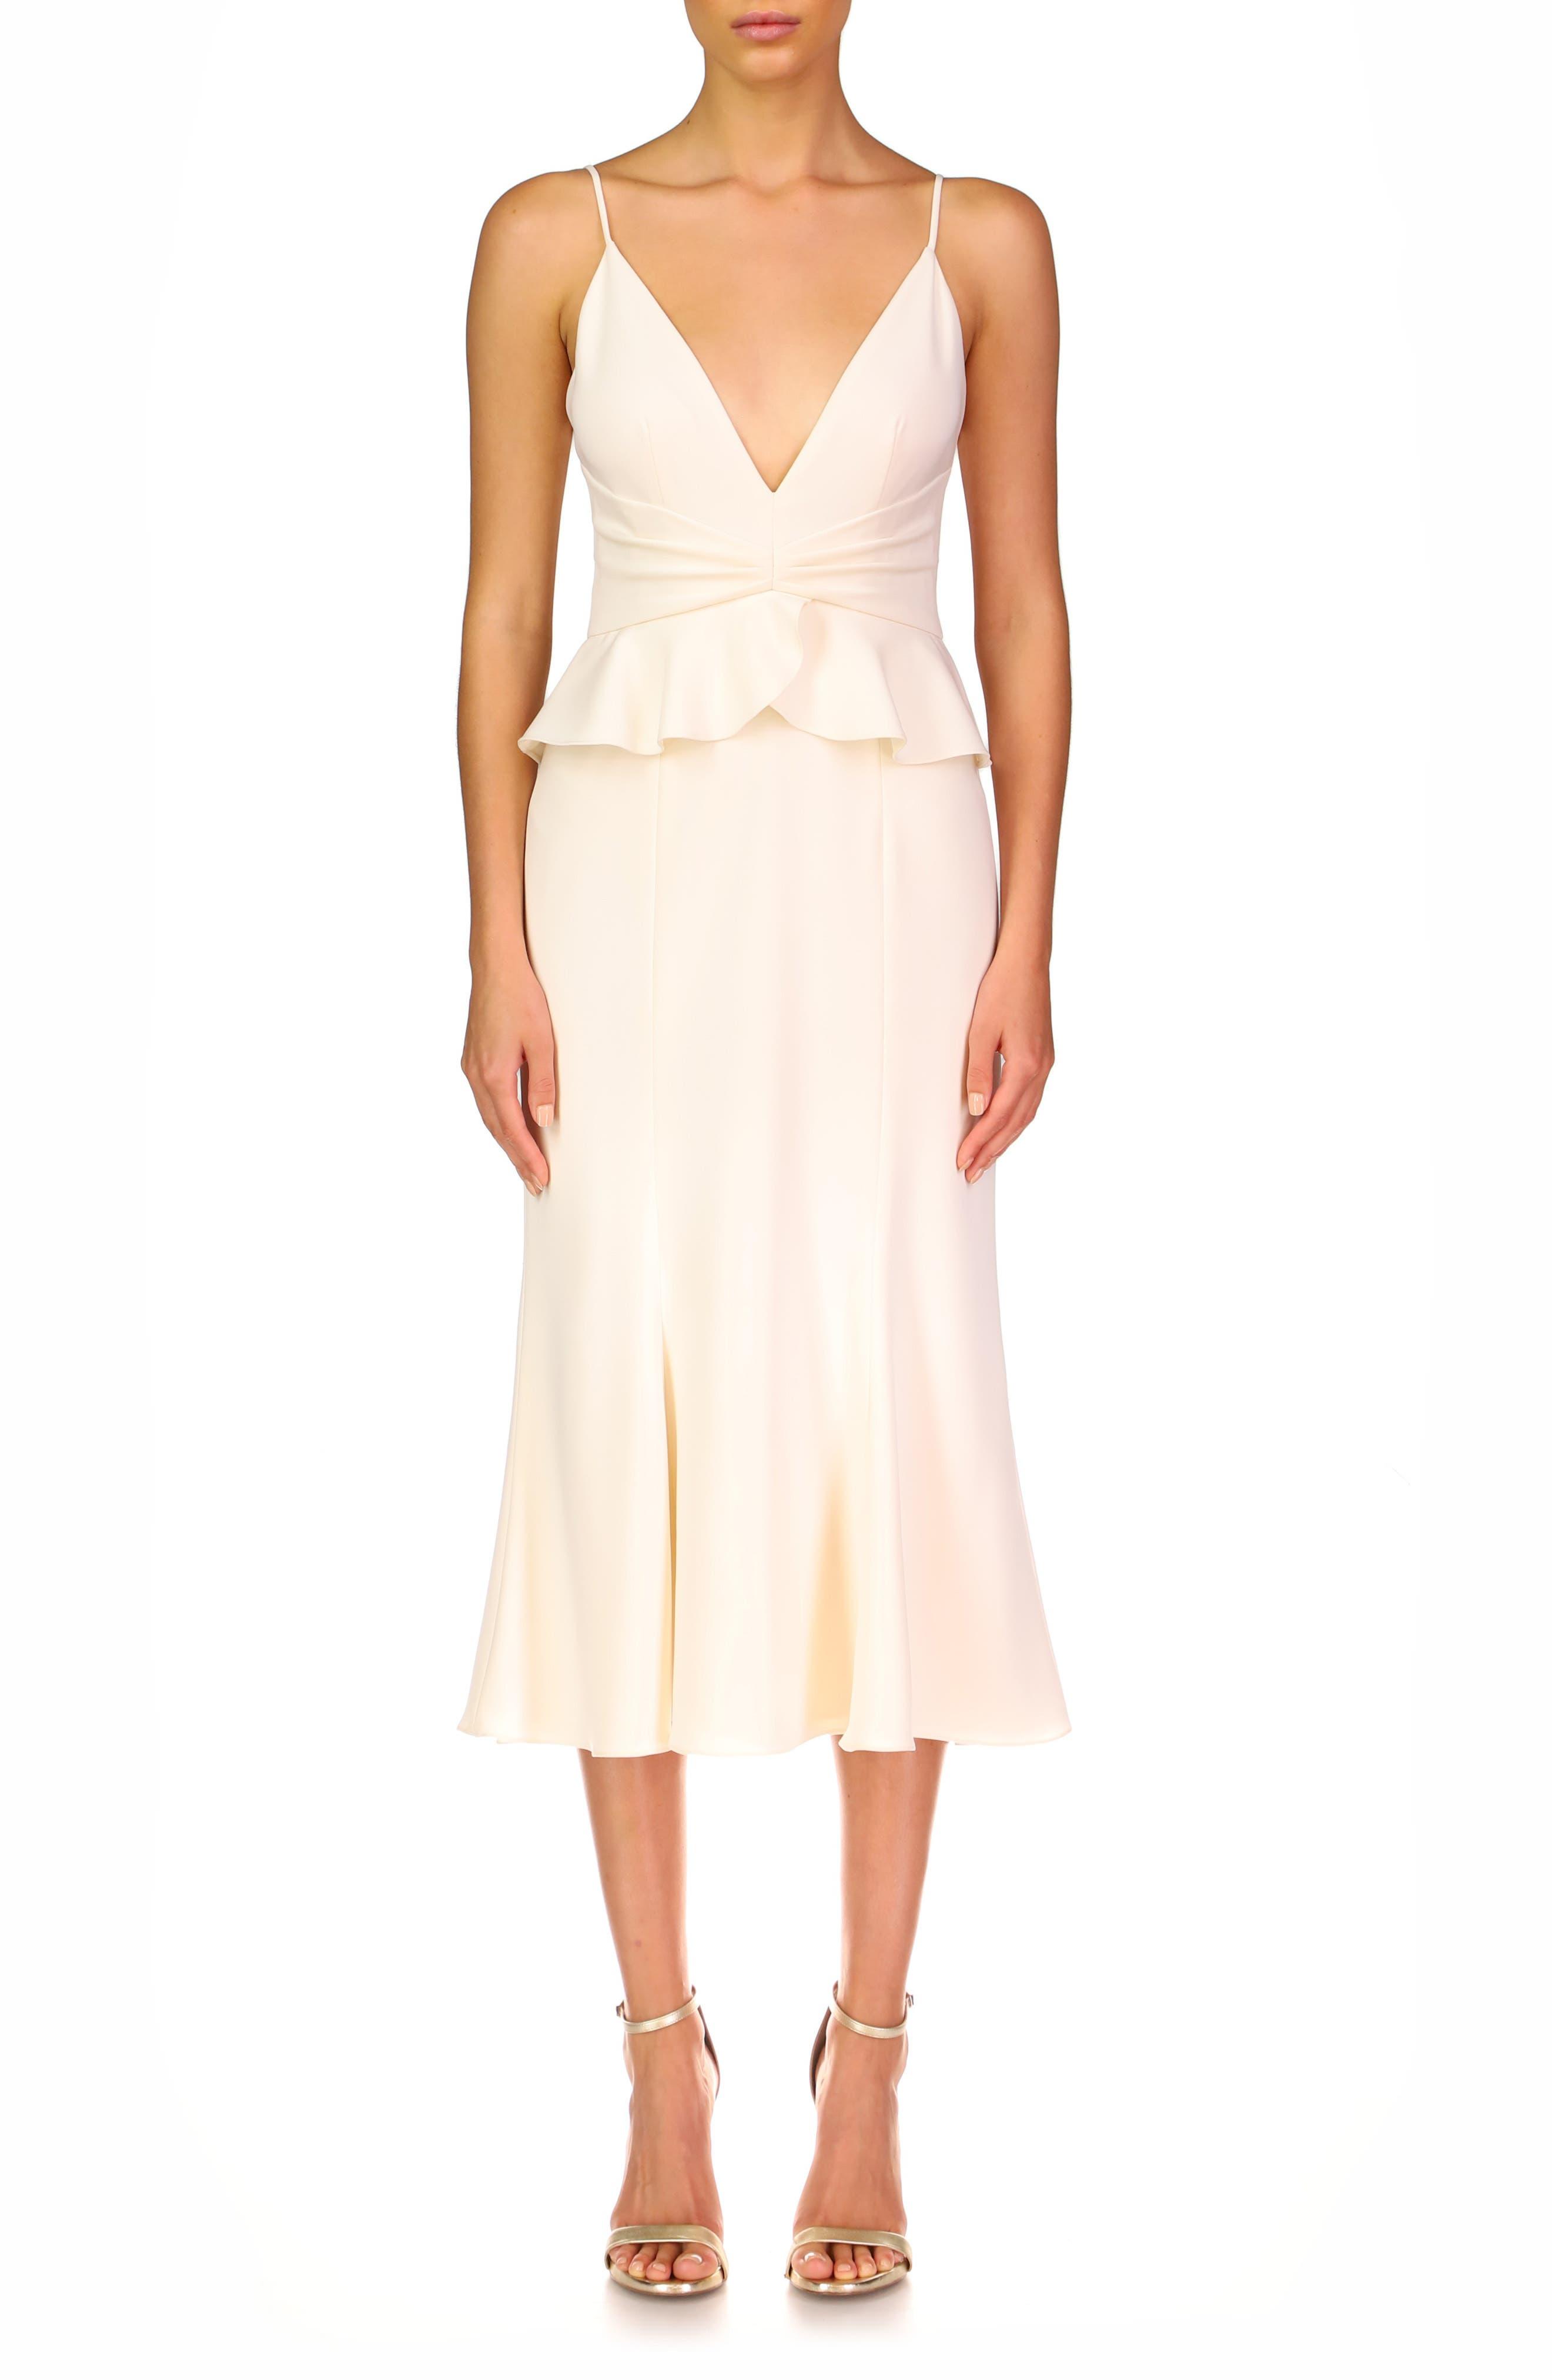 Peplum Waist Cocktail Dress